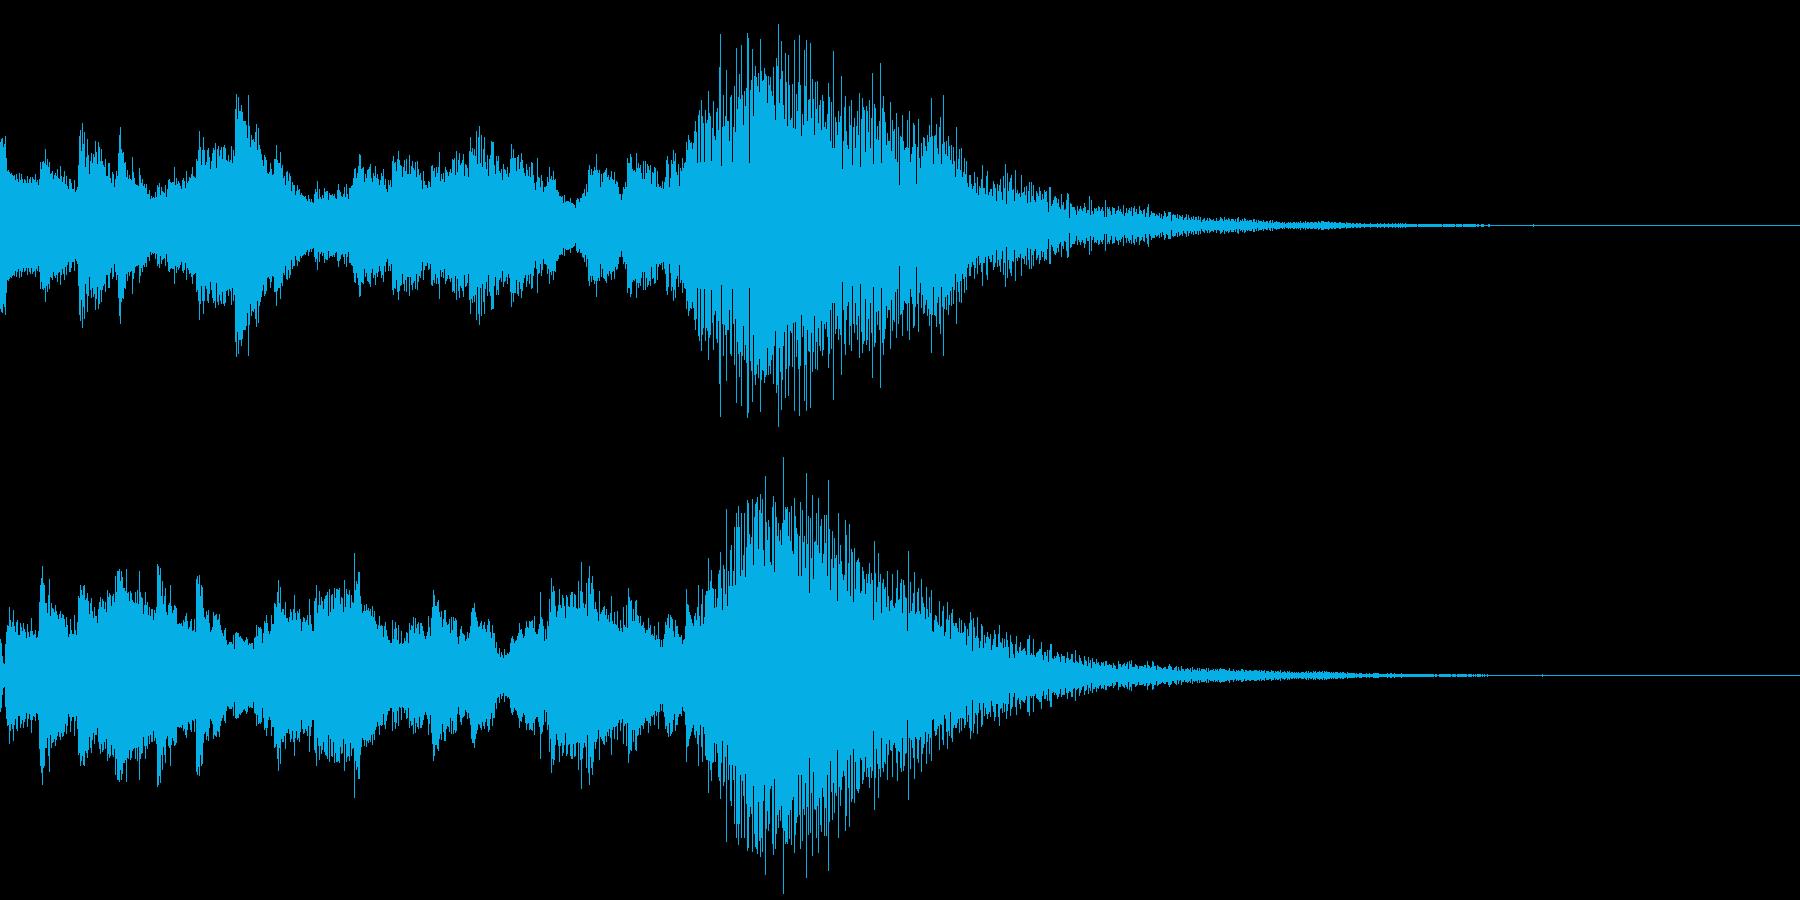 効果音 キラキラ 魔法 2の再生済みの波形